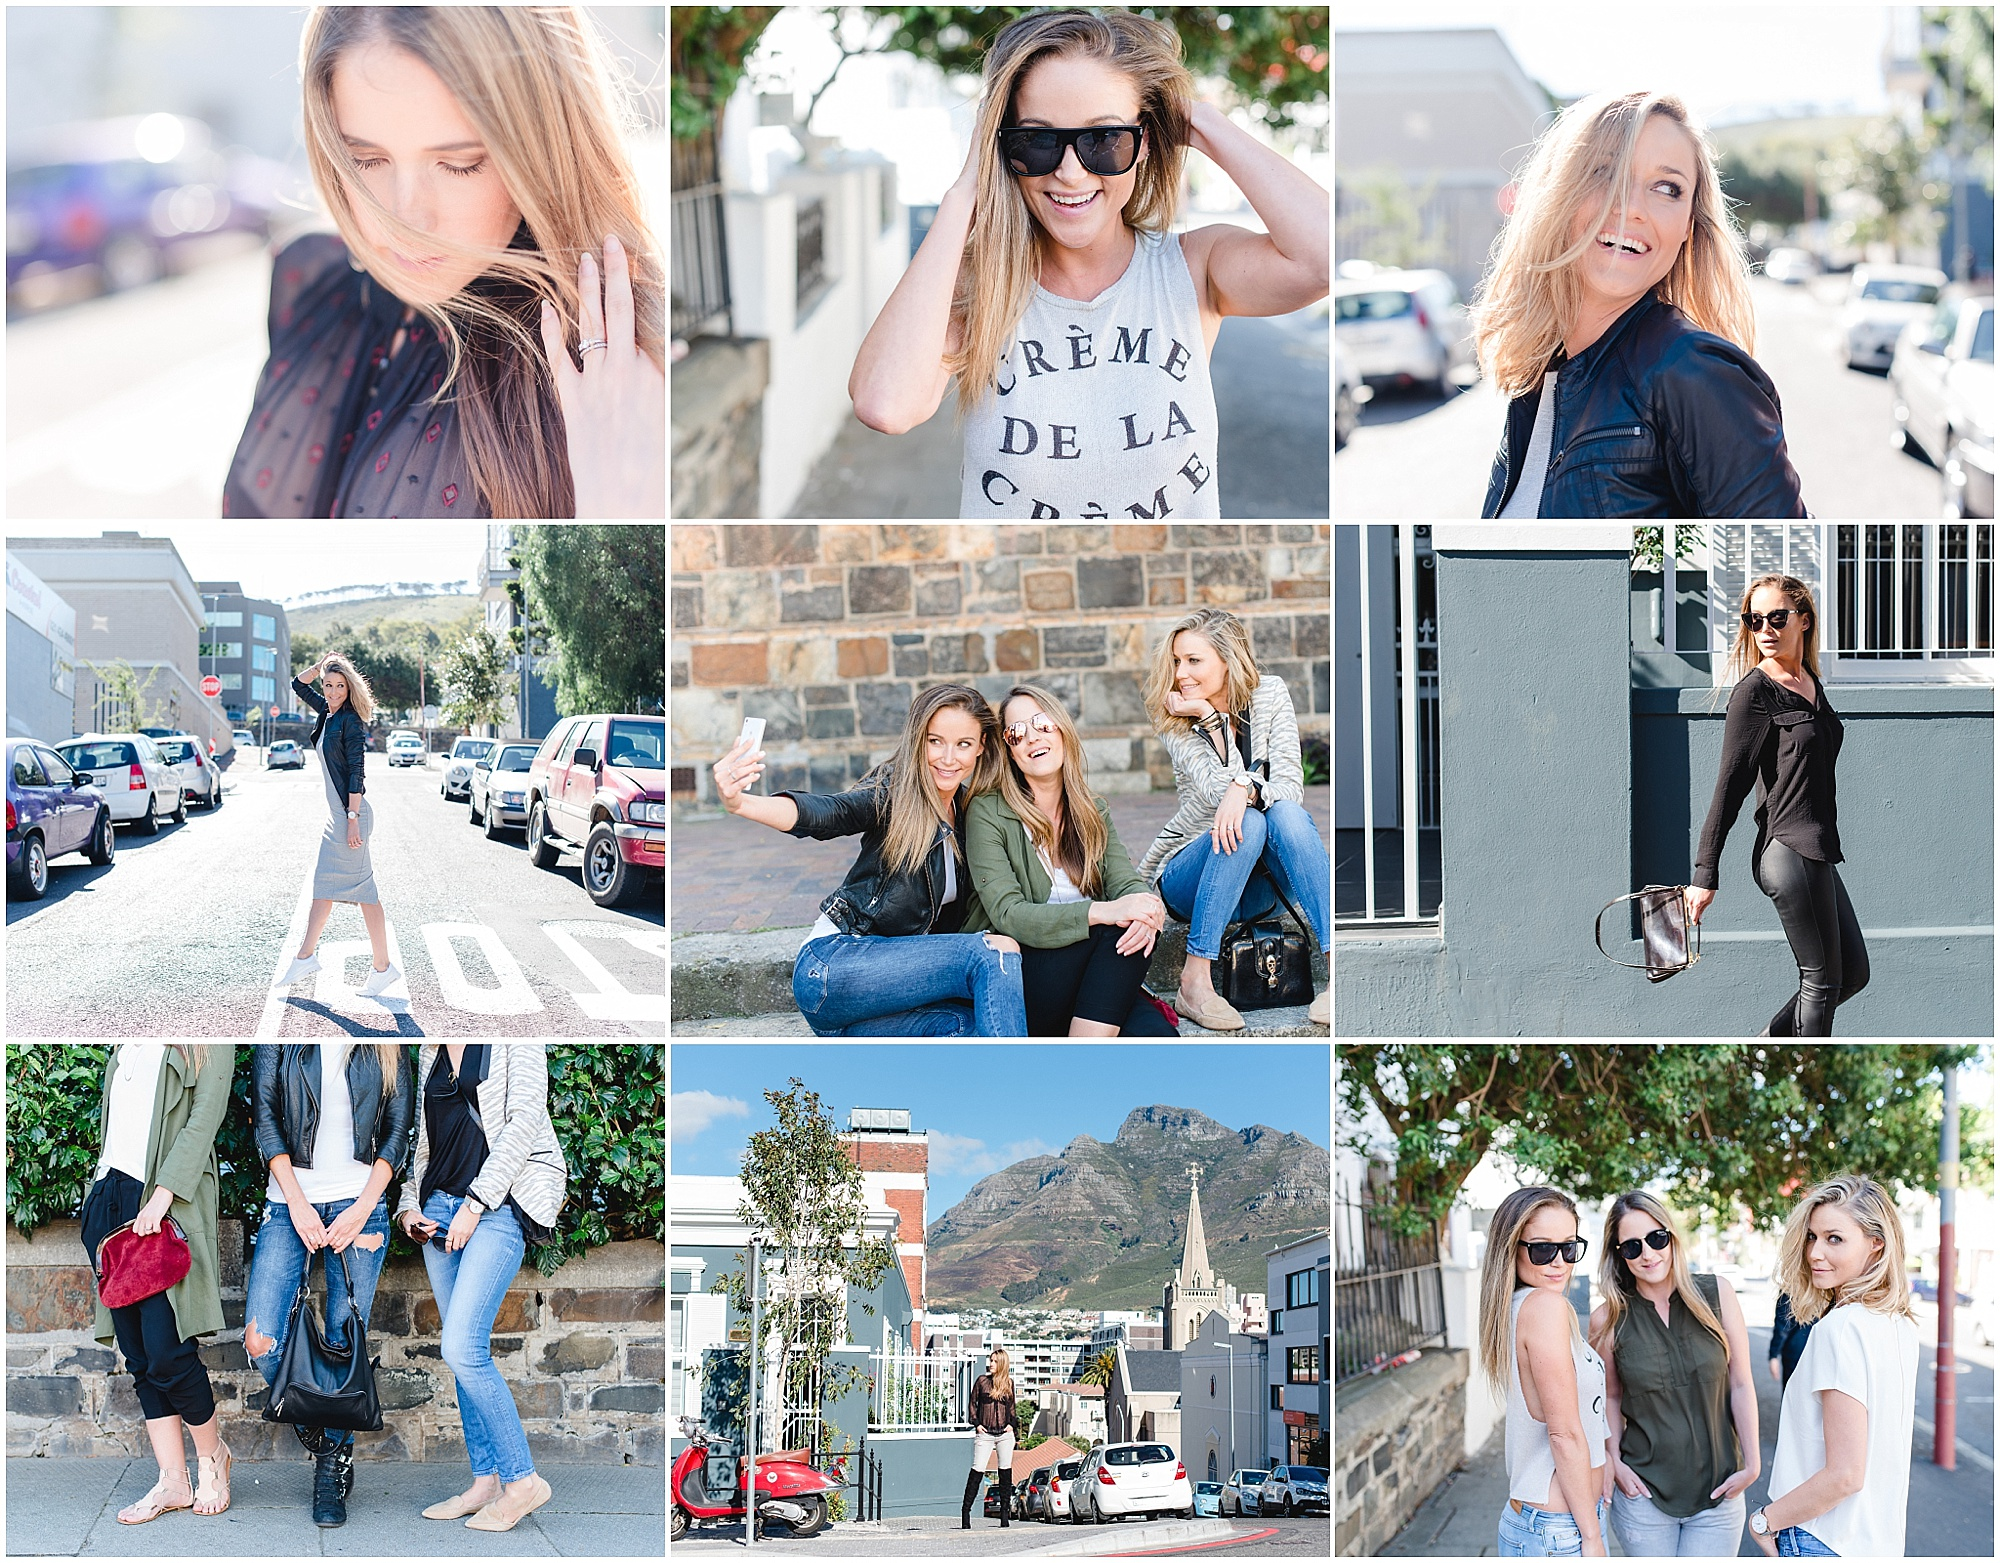 Darren-Bester-Cape-Town-Photographer-McGregor-Sisters-Born3_0001.jpg